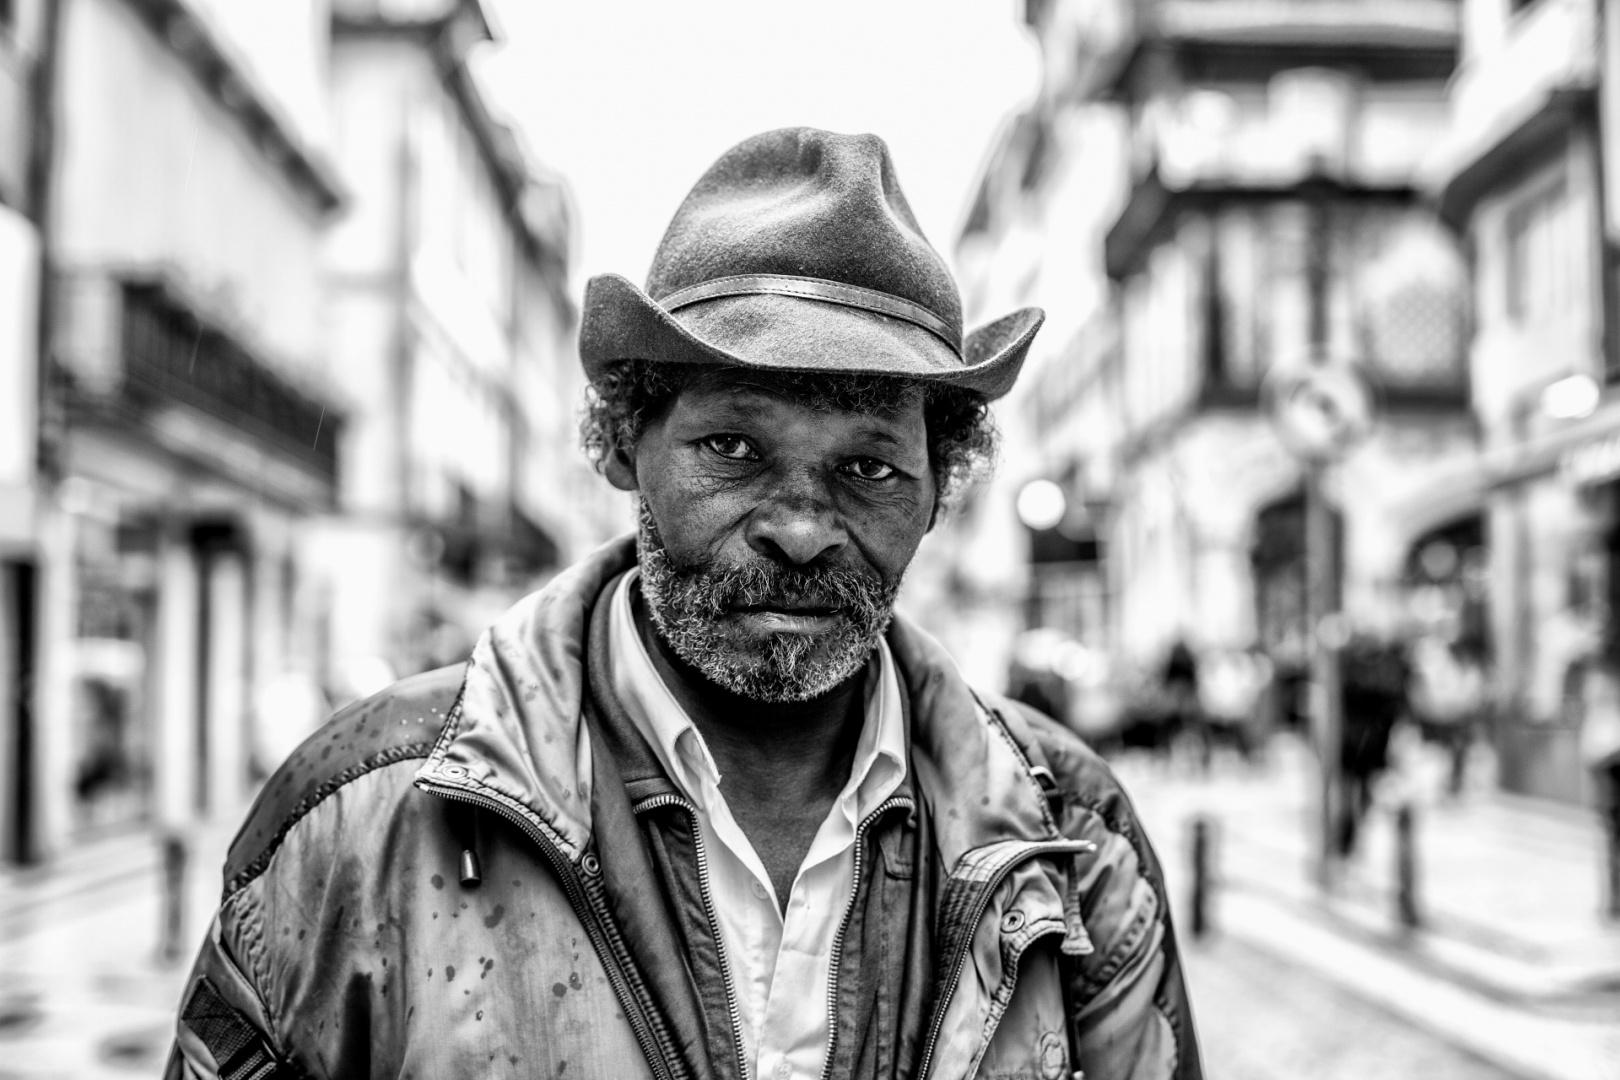 Retratos/Urban Cowboy II